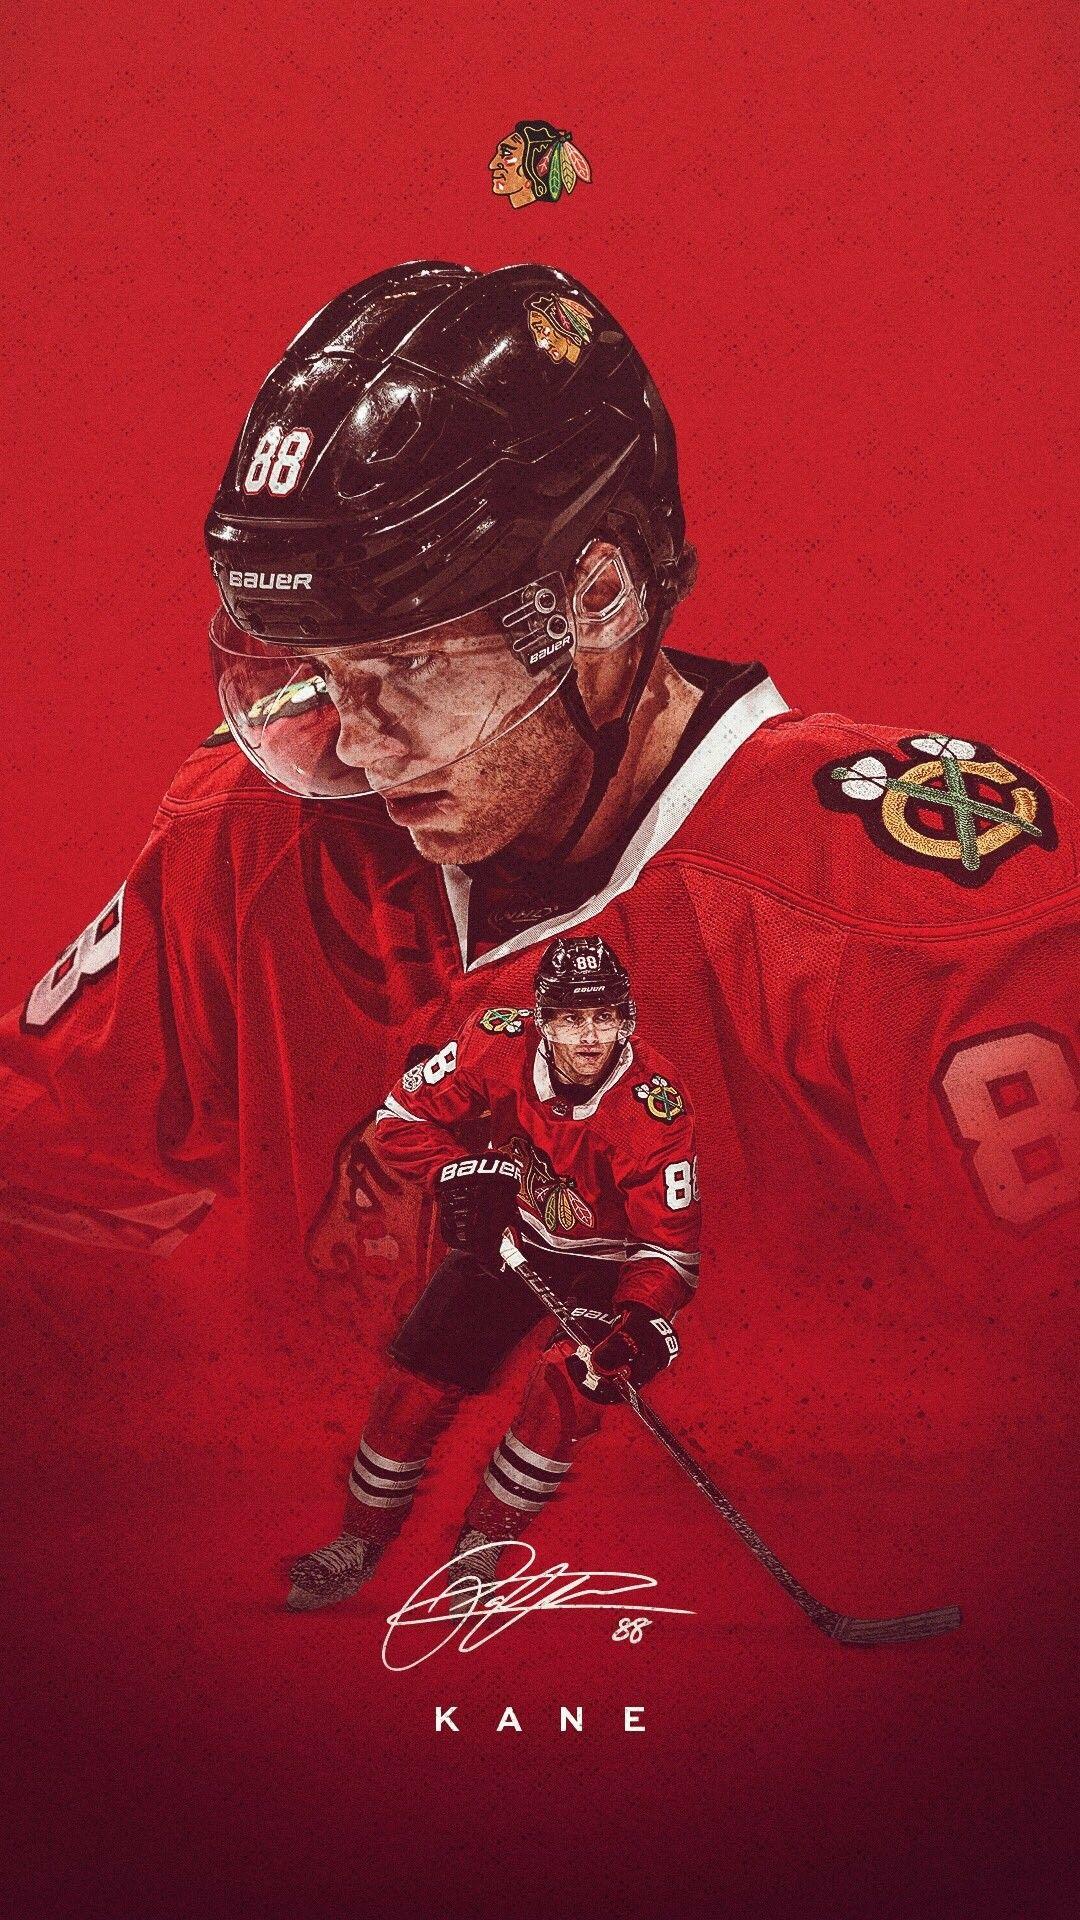 Kaner Blackhawks Future Hof Chicago Blackhawks Wallpaper Kane Blackhawks Chicago Blackhawks Hockey